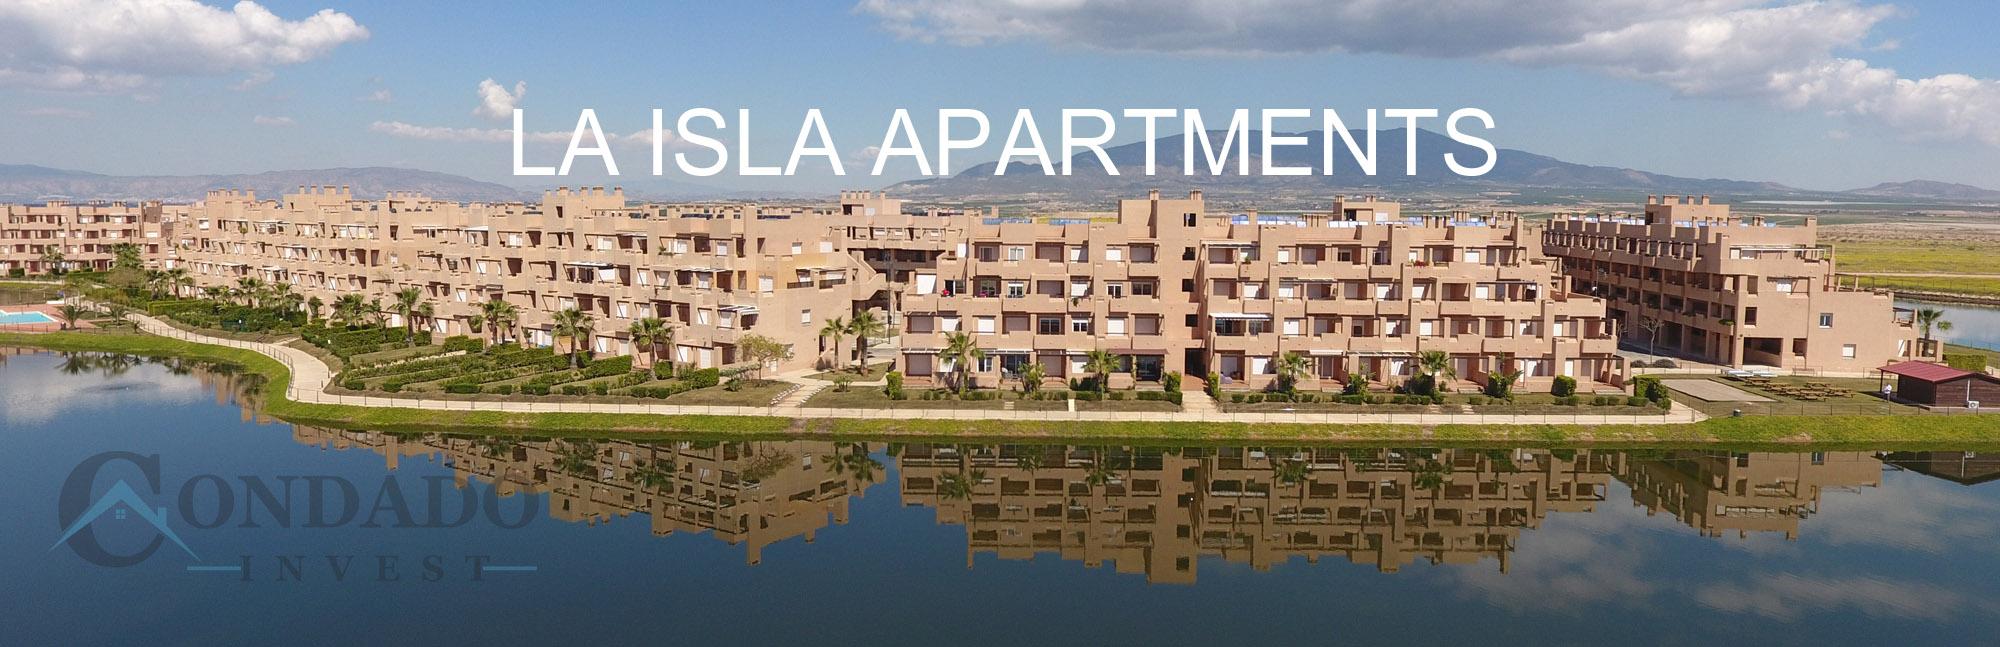 La Isla Apartments Header Condado de Alhama